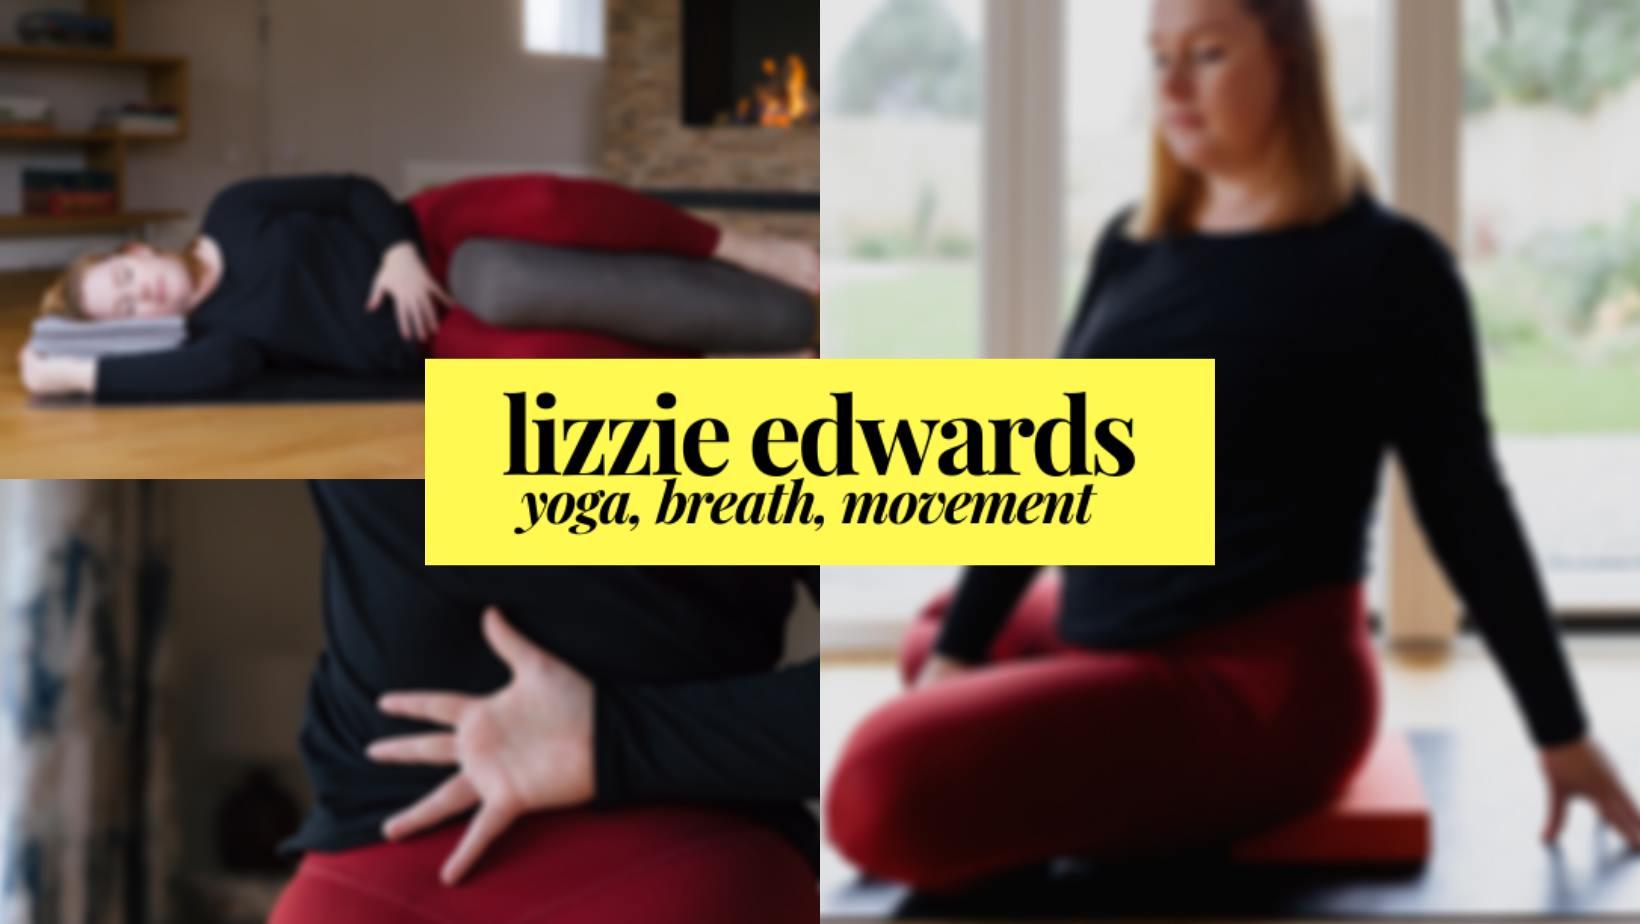 Lizzie Edwards Yoga's main image